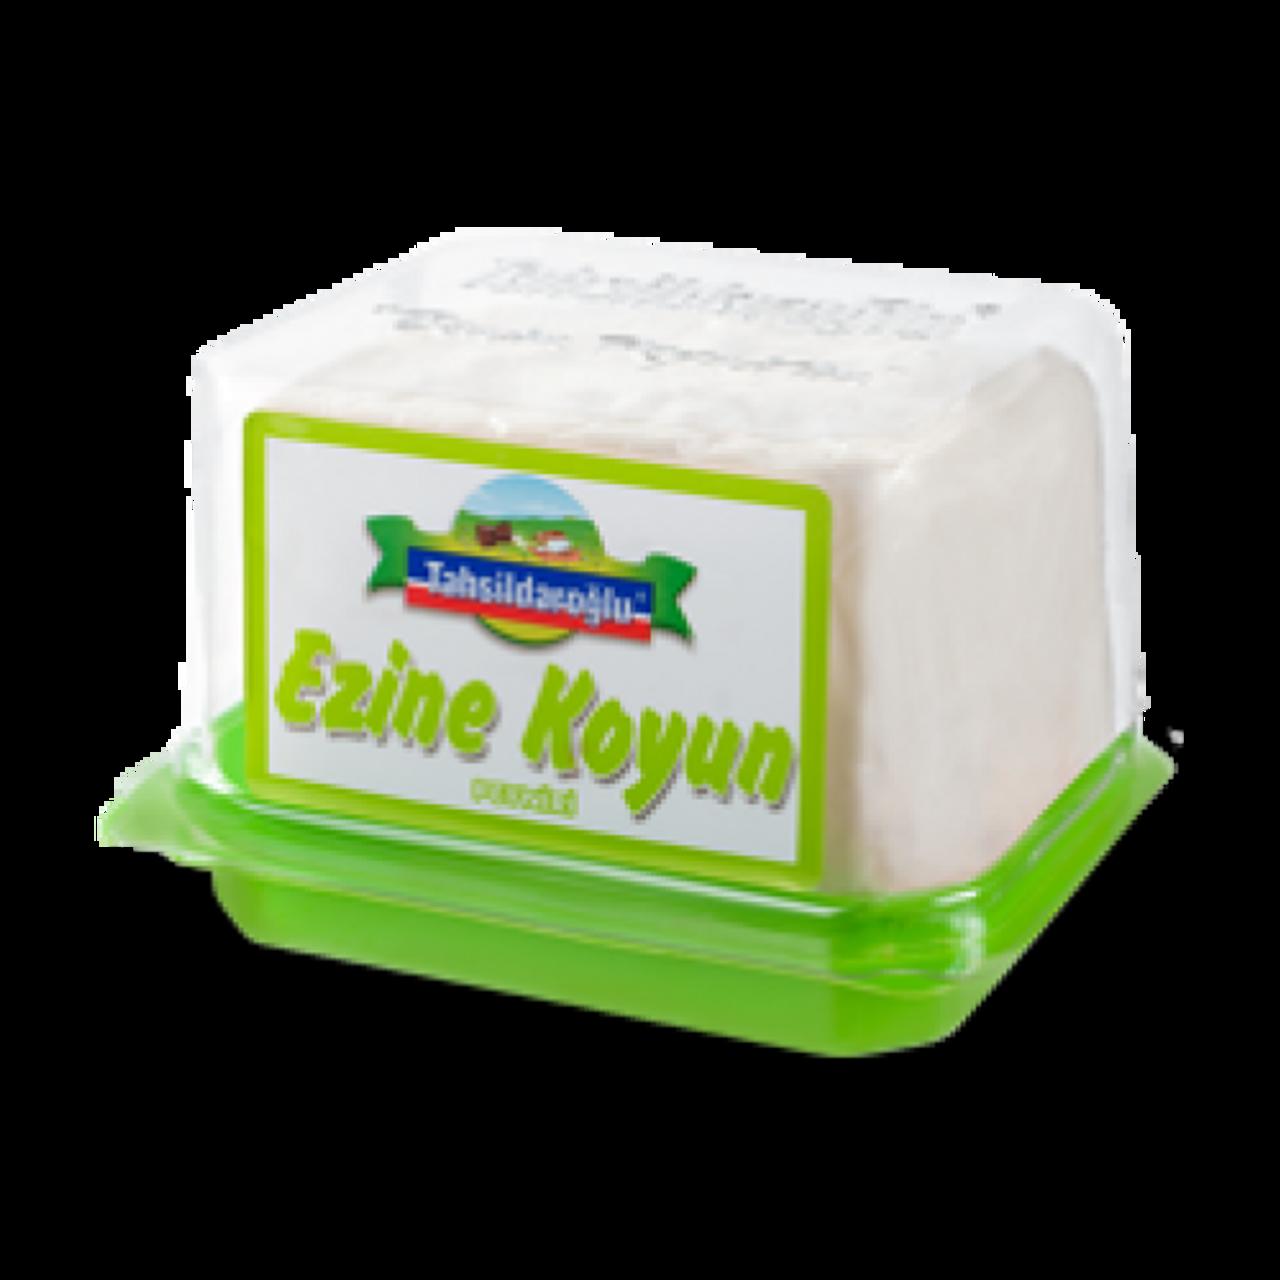 Tahsildaroglu Ezine Koyun, Cheese from Sheep's Milk.